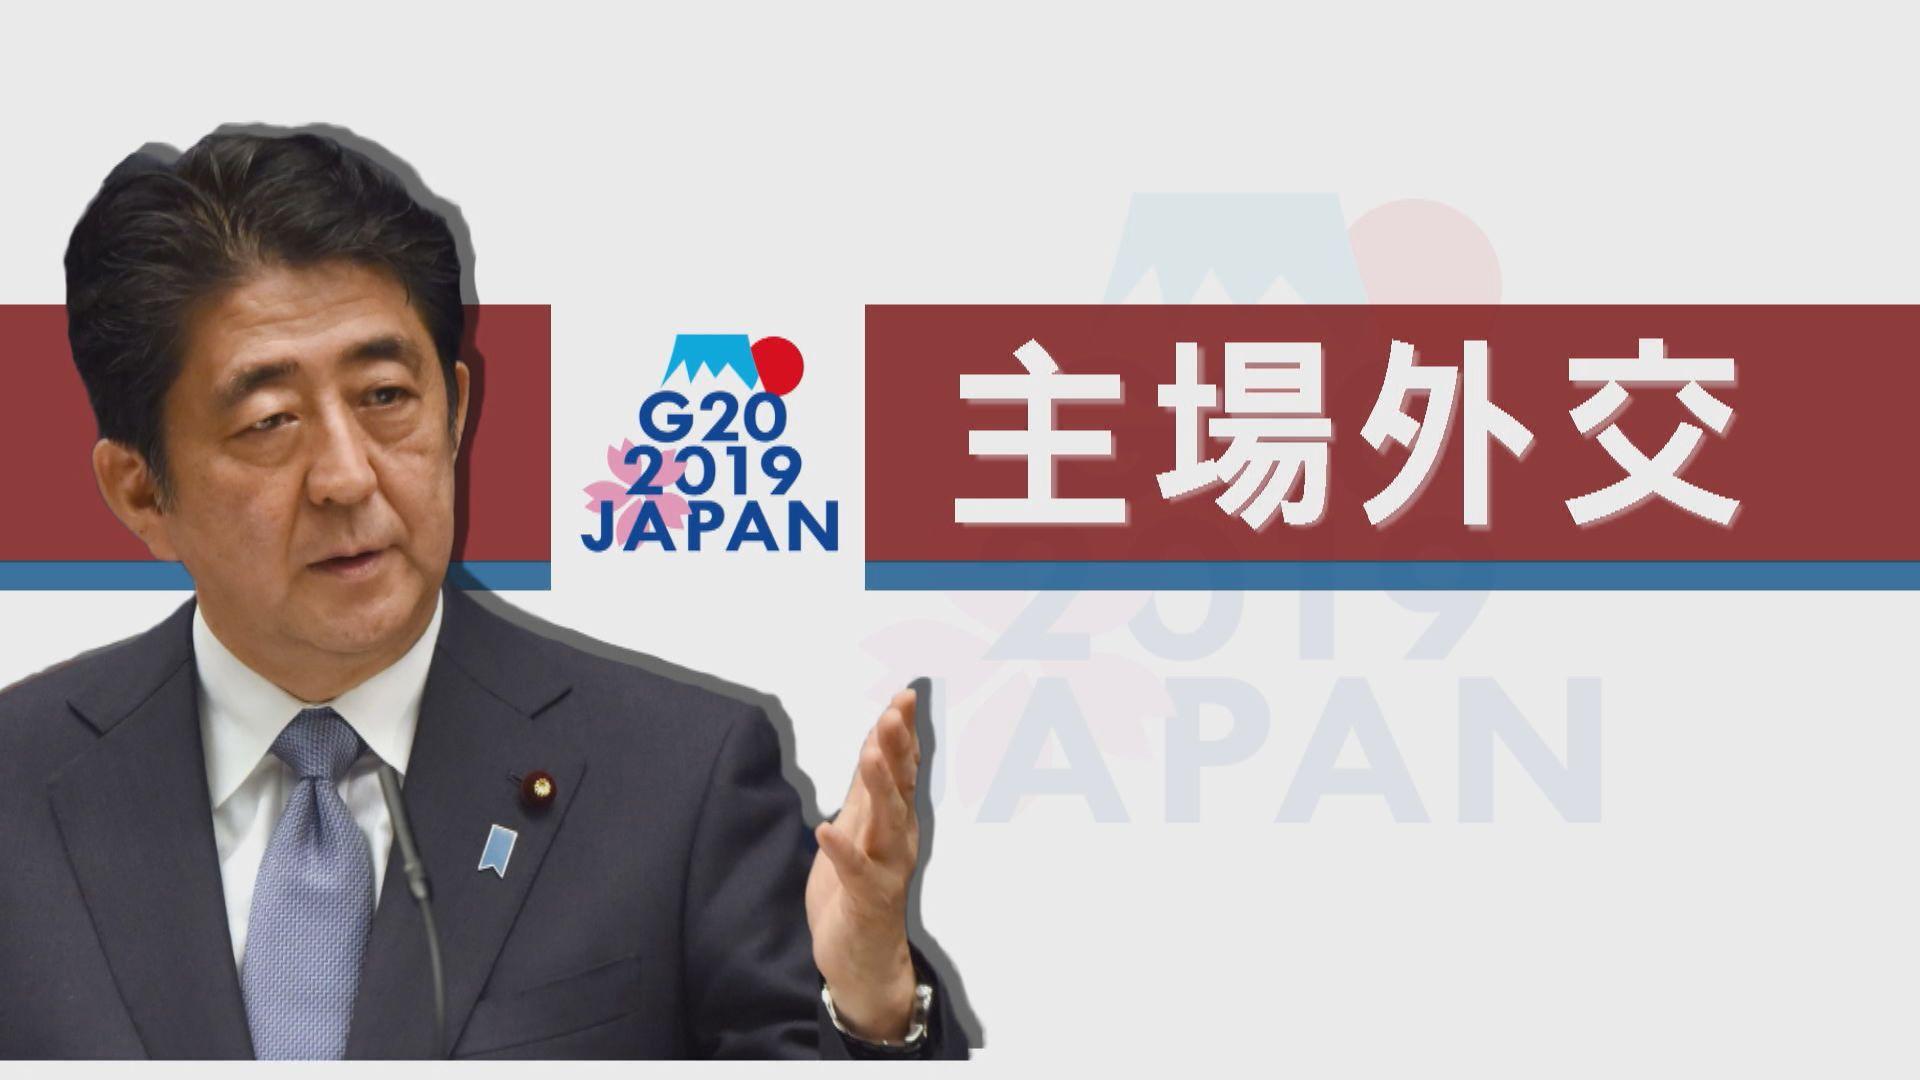 【新聞智庫】G20峰會成安倍重要考驗